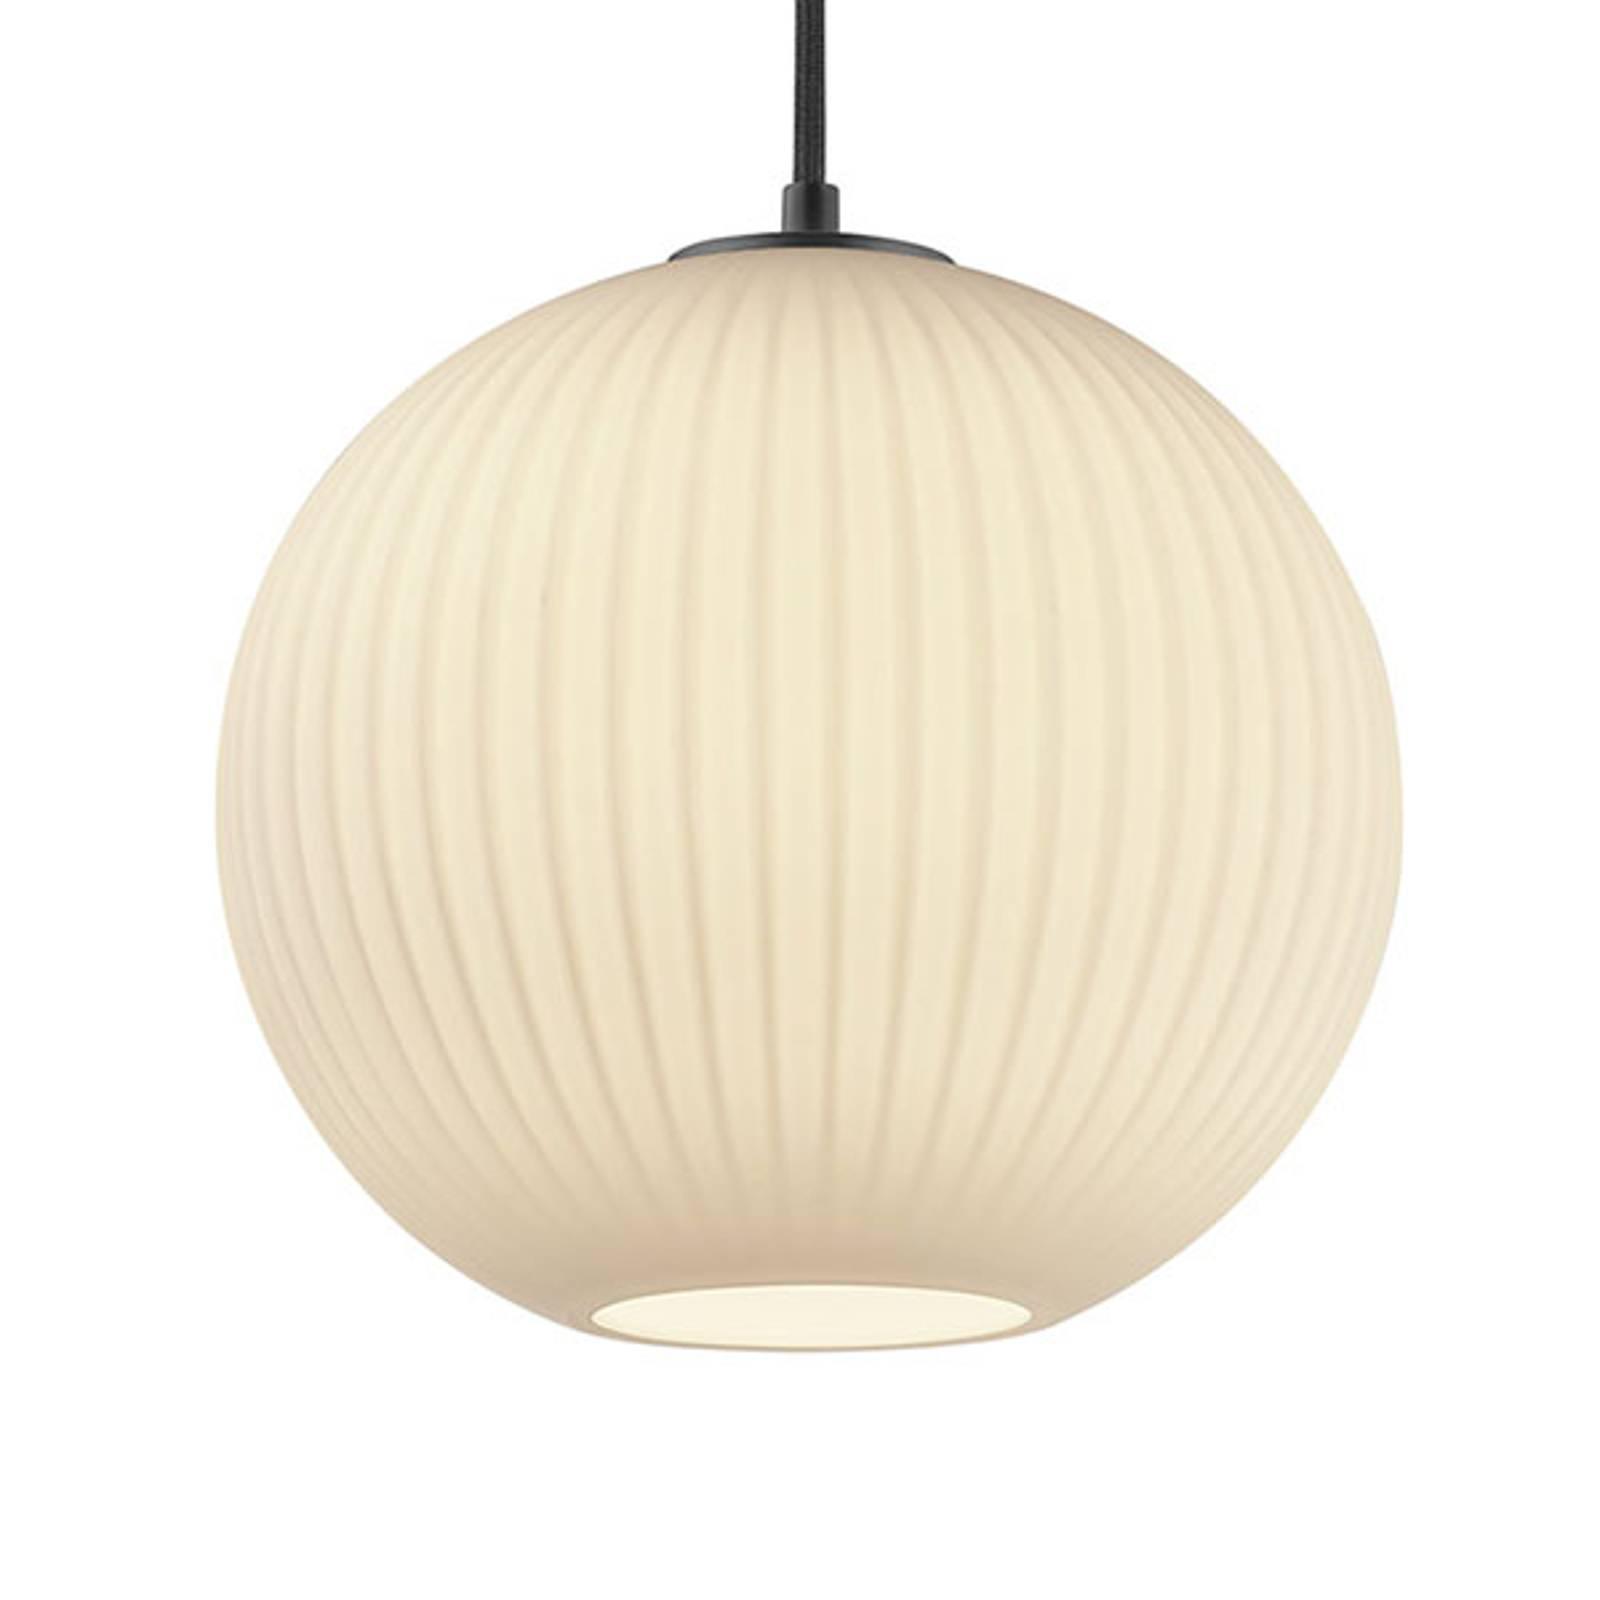 B-Leuchten Loft hanglamp, 1-lamp